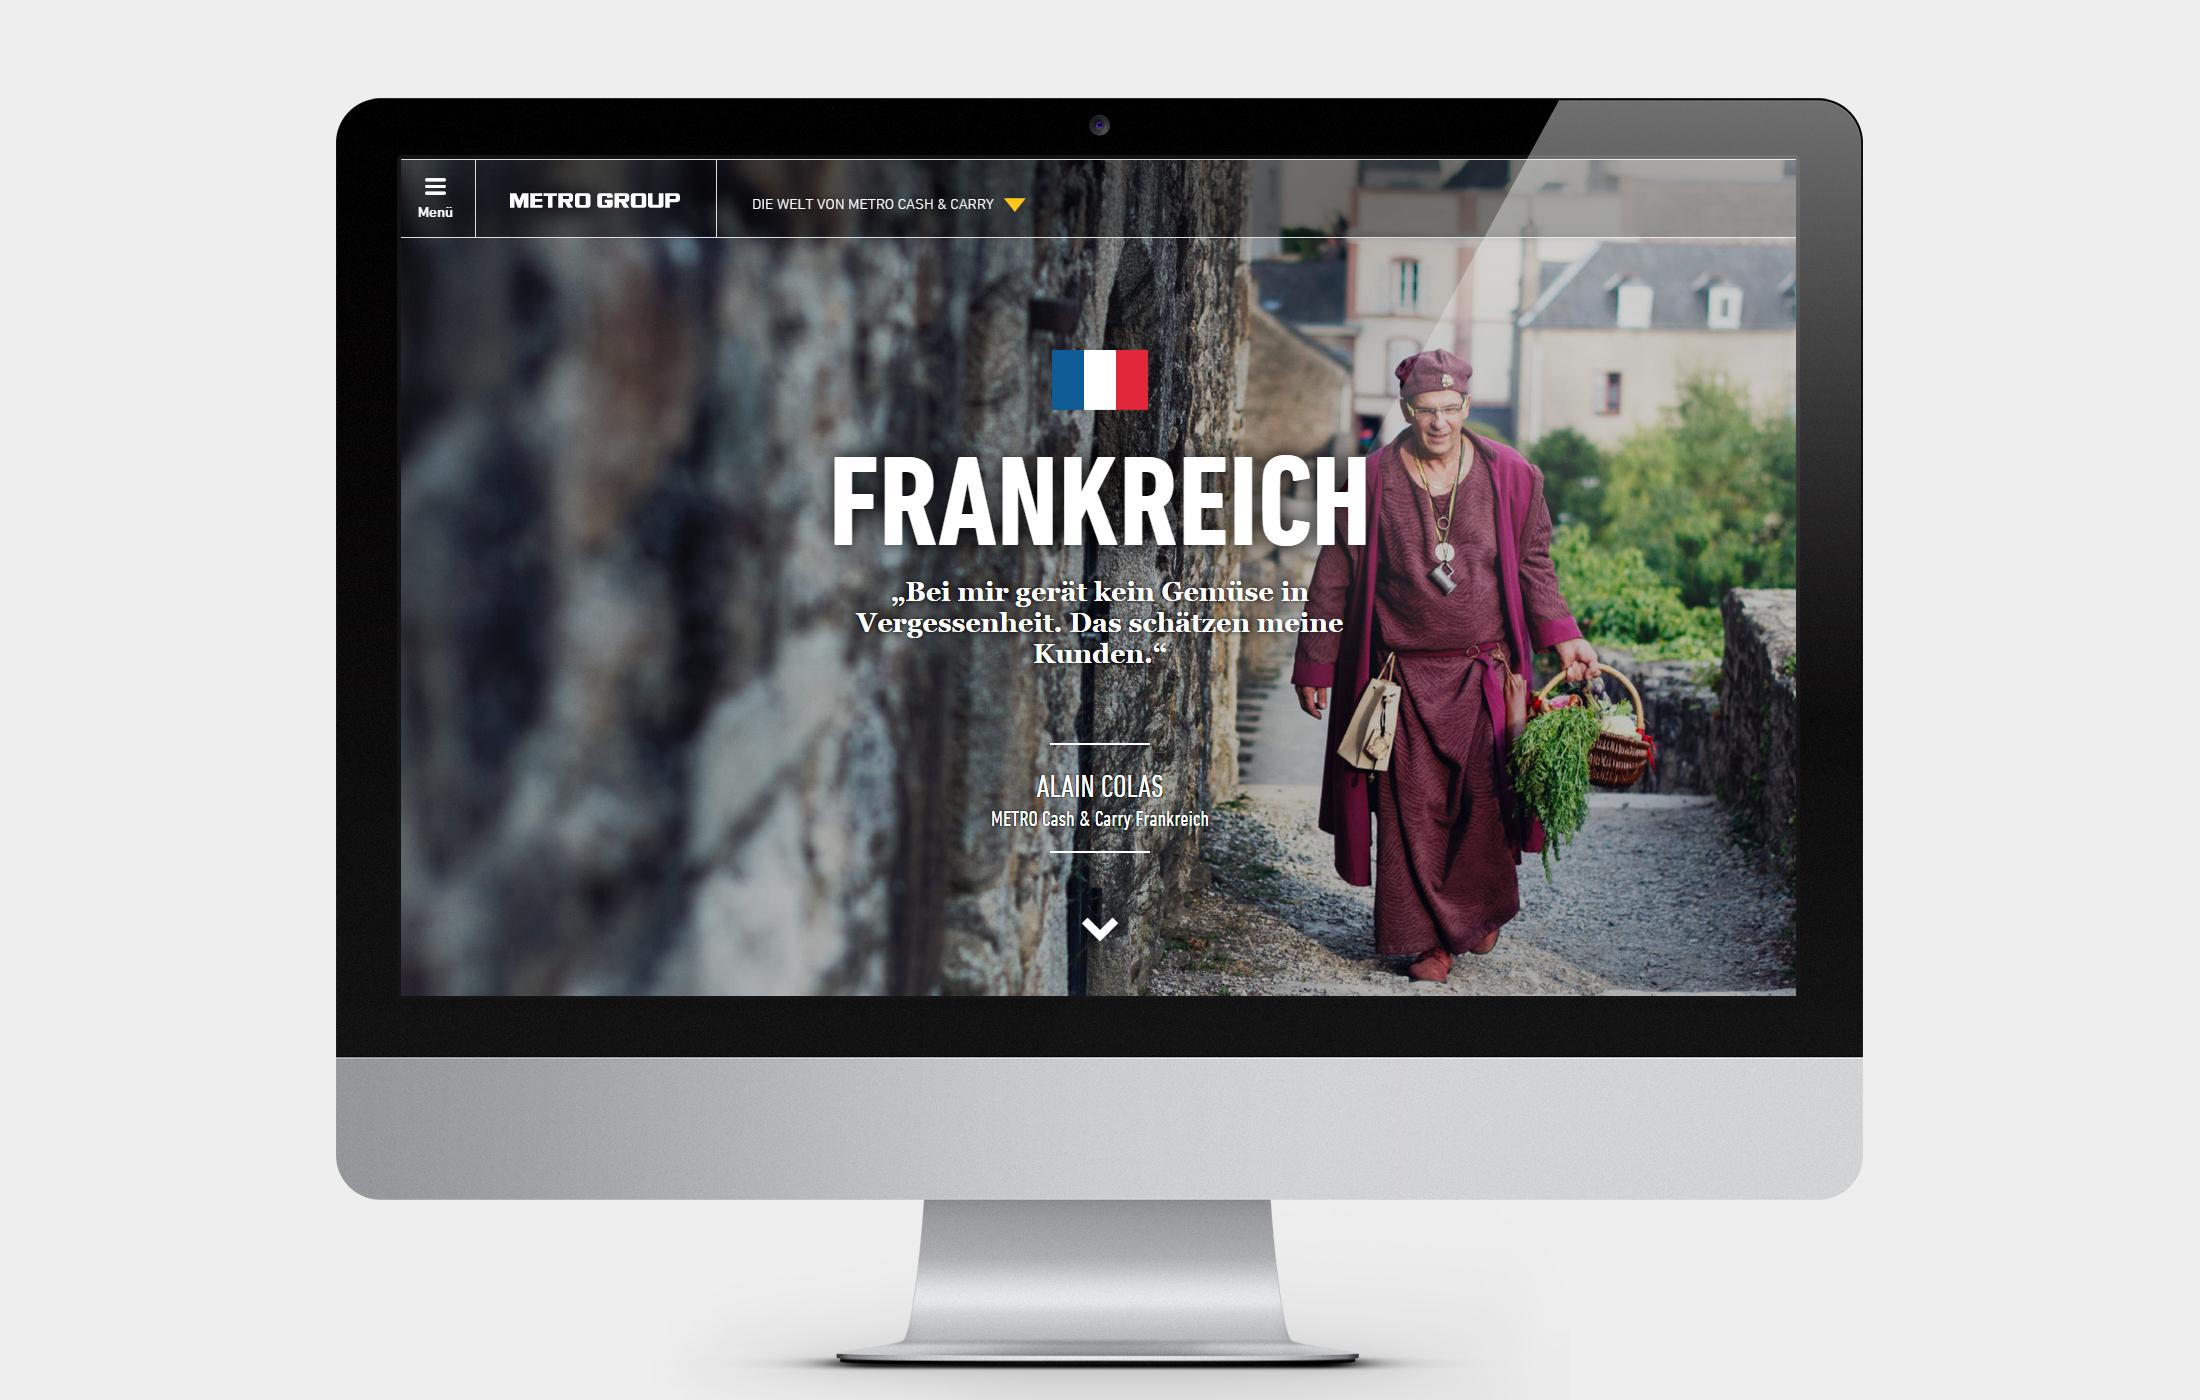 METRO Online-Geschäftsbericht - Frankreich